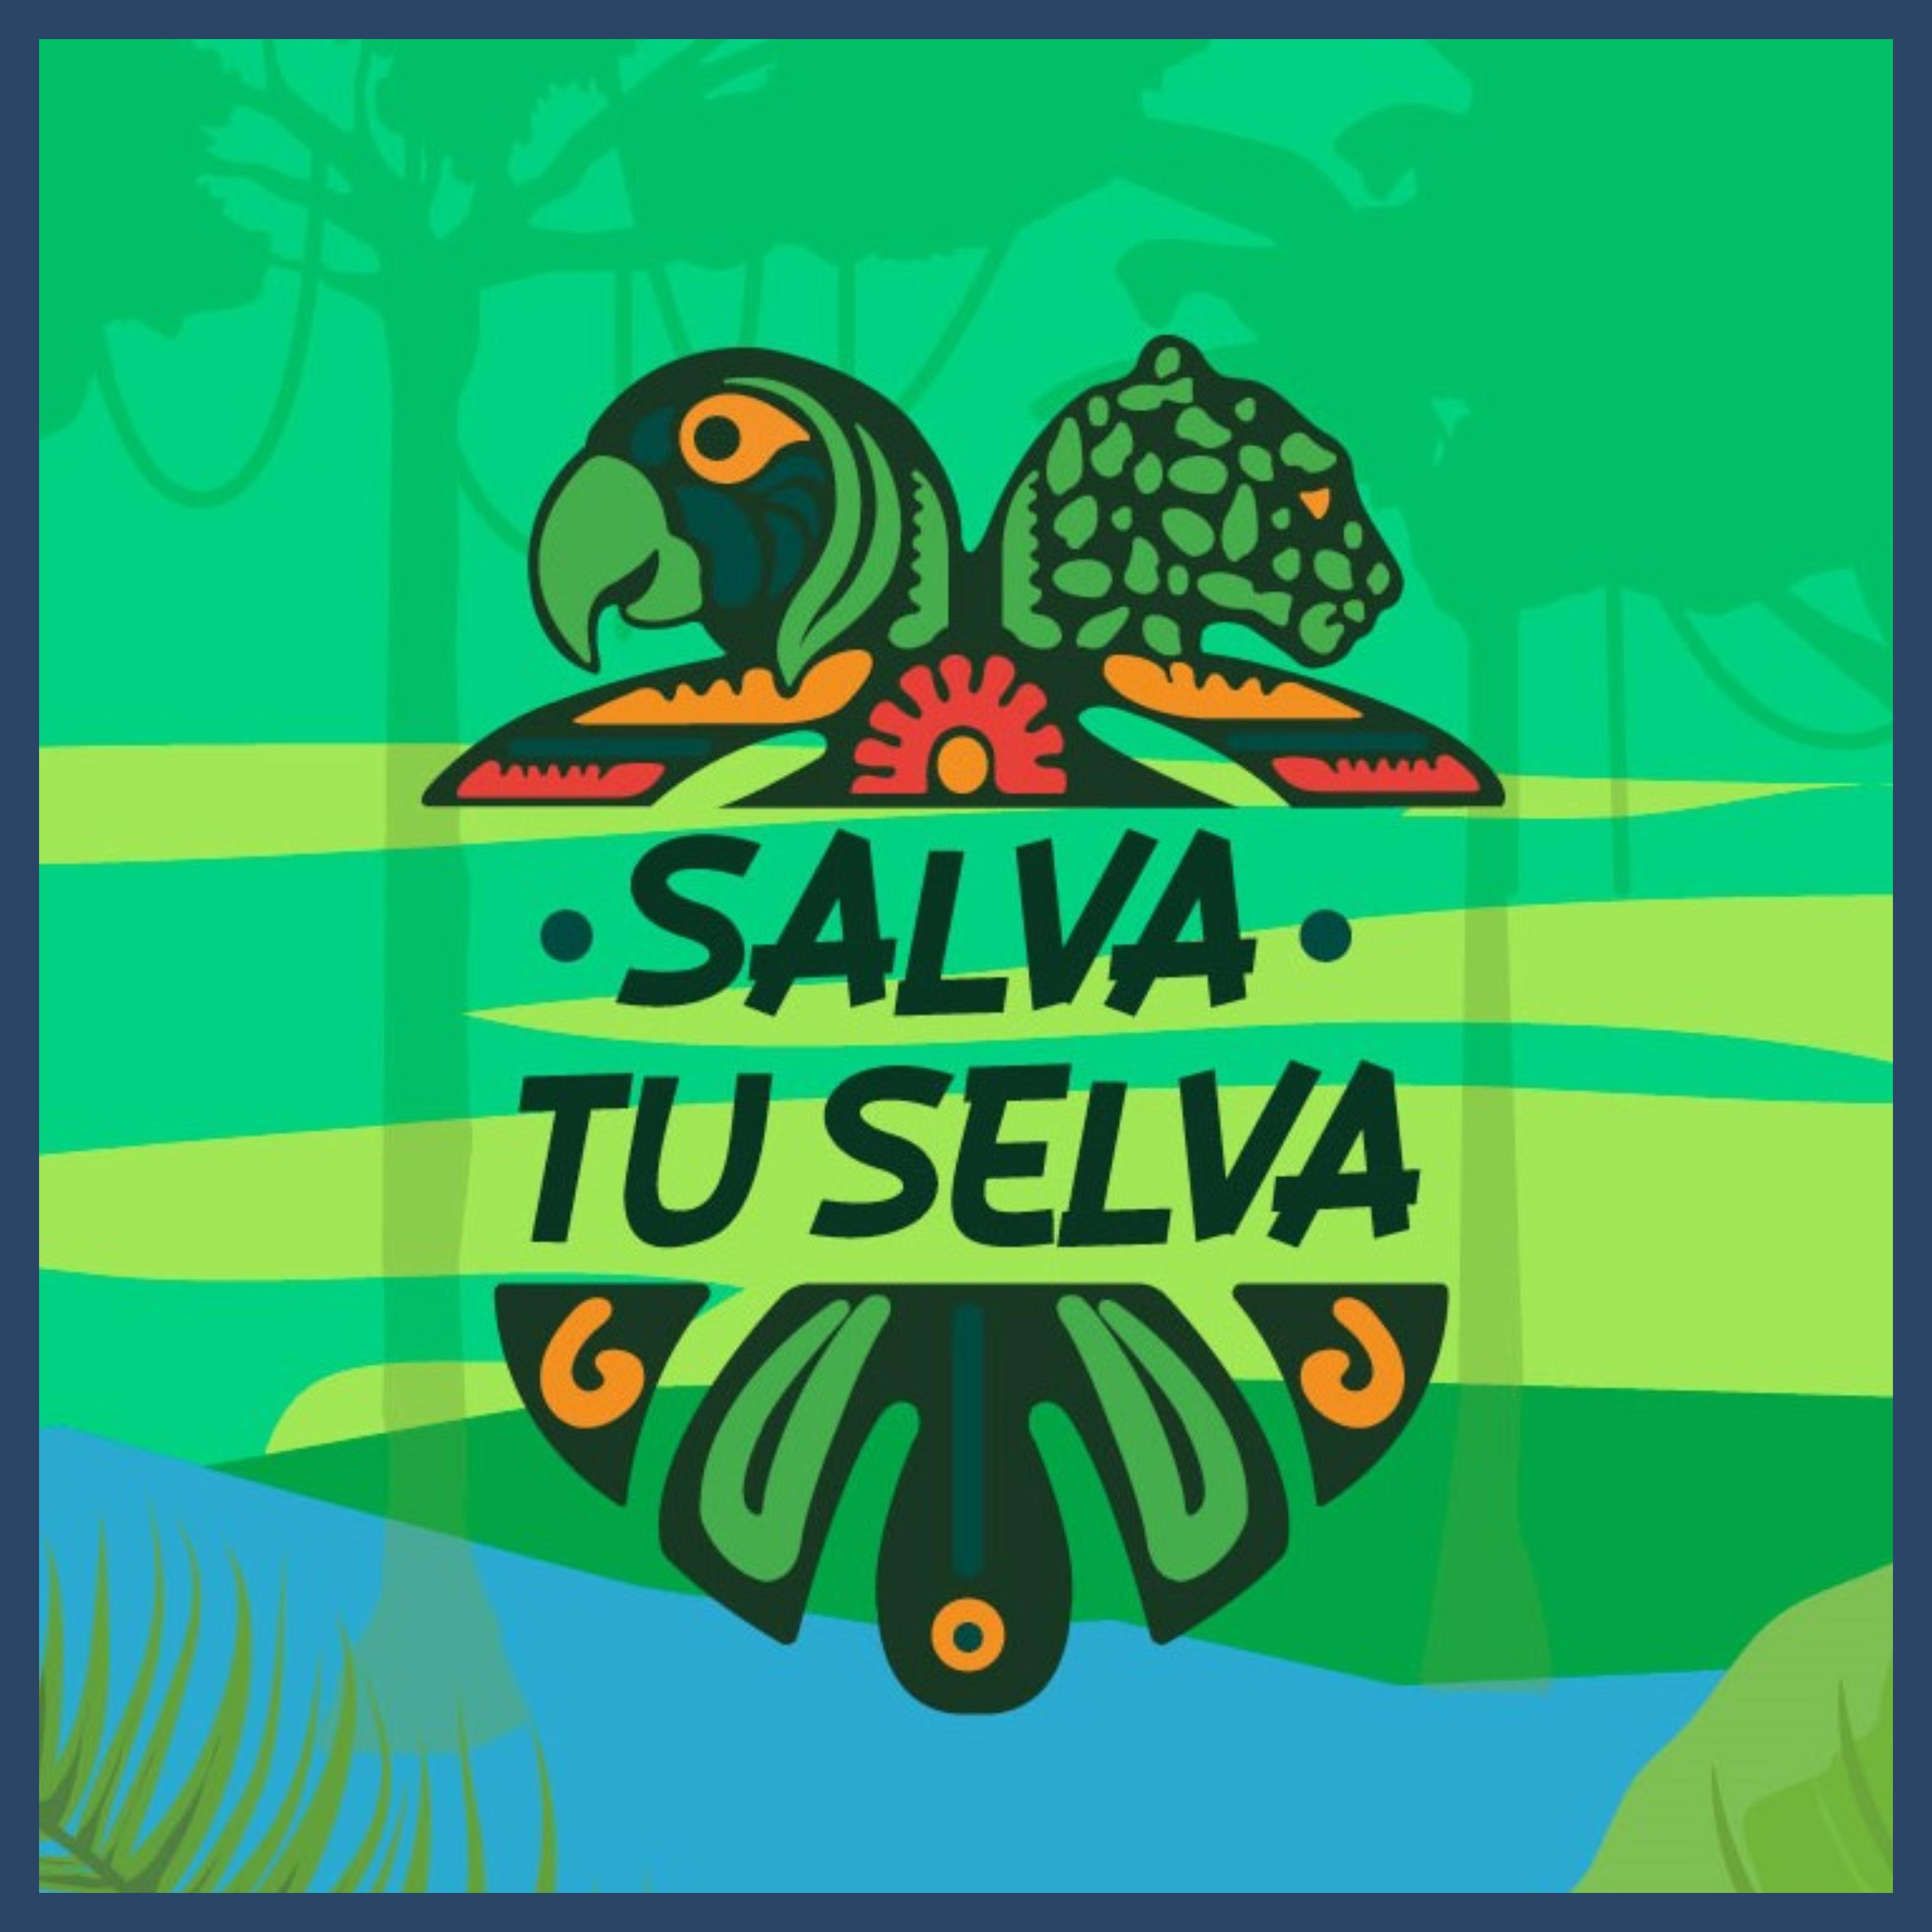 Salva tu Selva logo